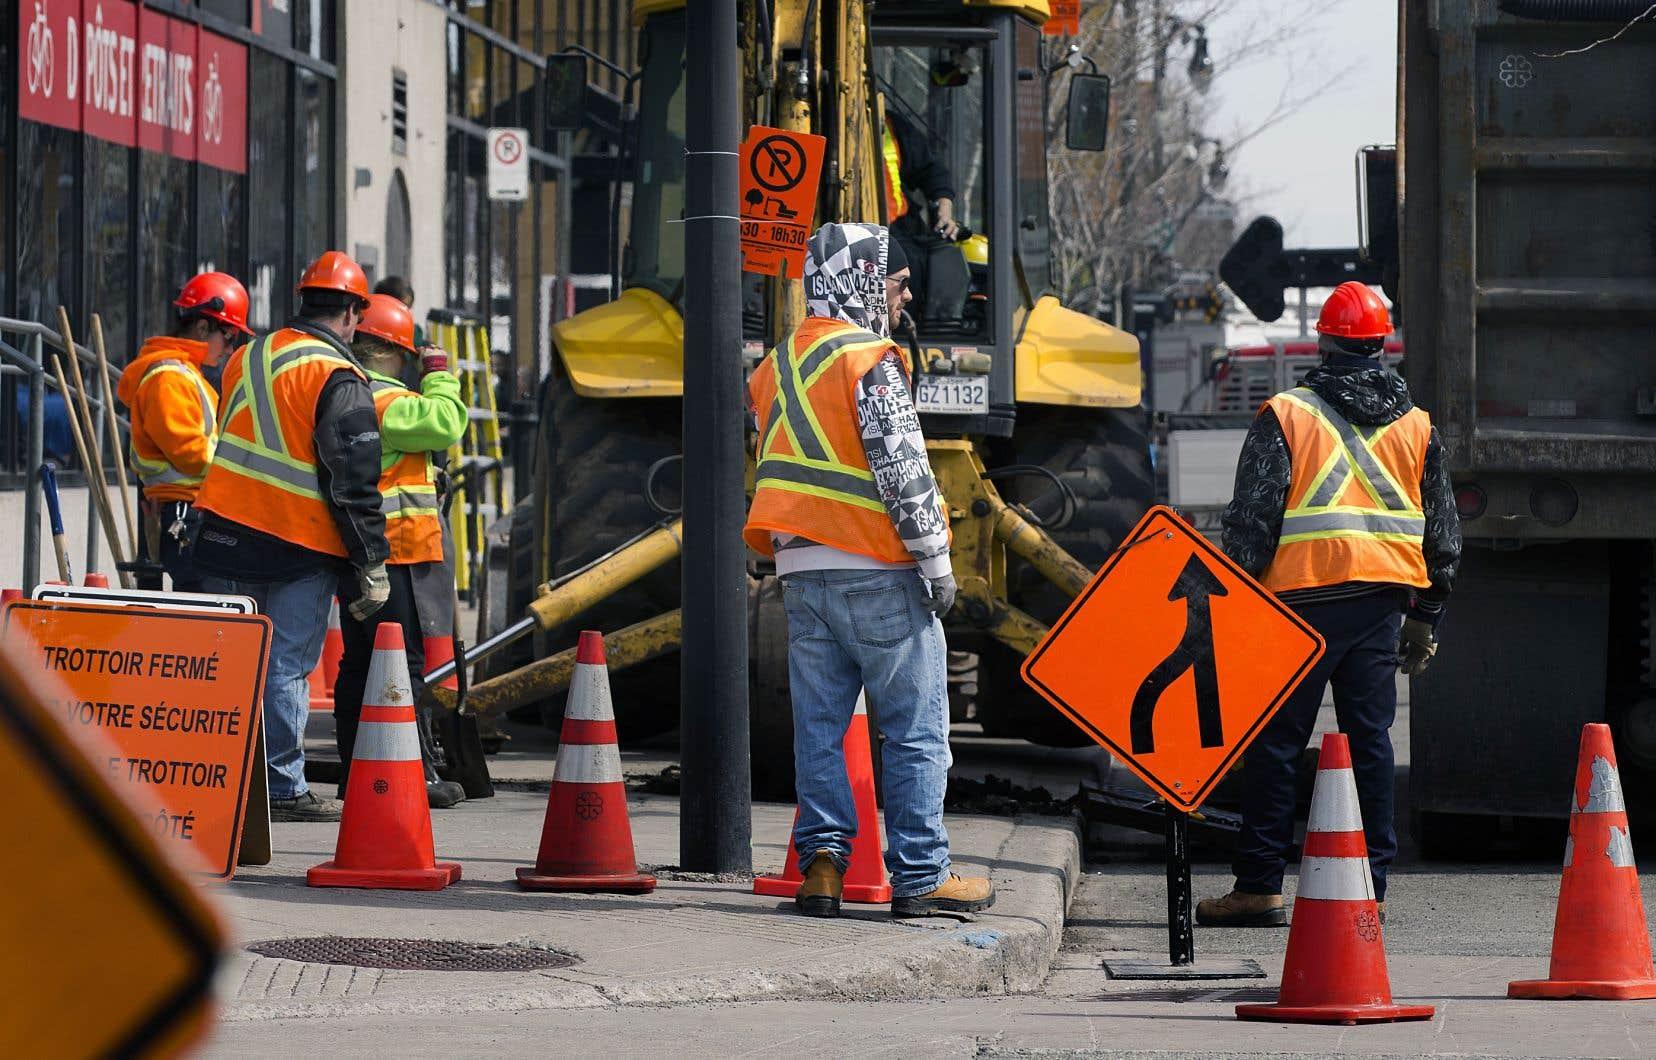 Les projets de réaménagement urbain risquent de se multiplier et de se complexifier dans les prochaines années. Et la nouvelle administration veut davantage songer aux questions d'aménagement.